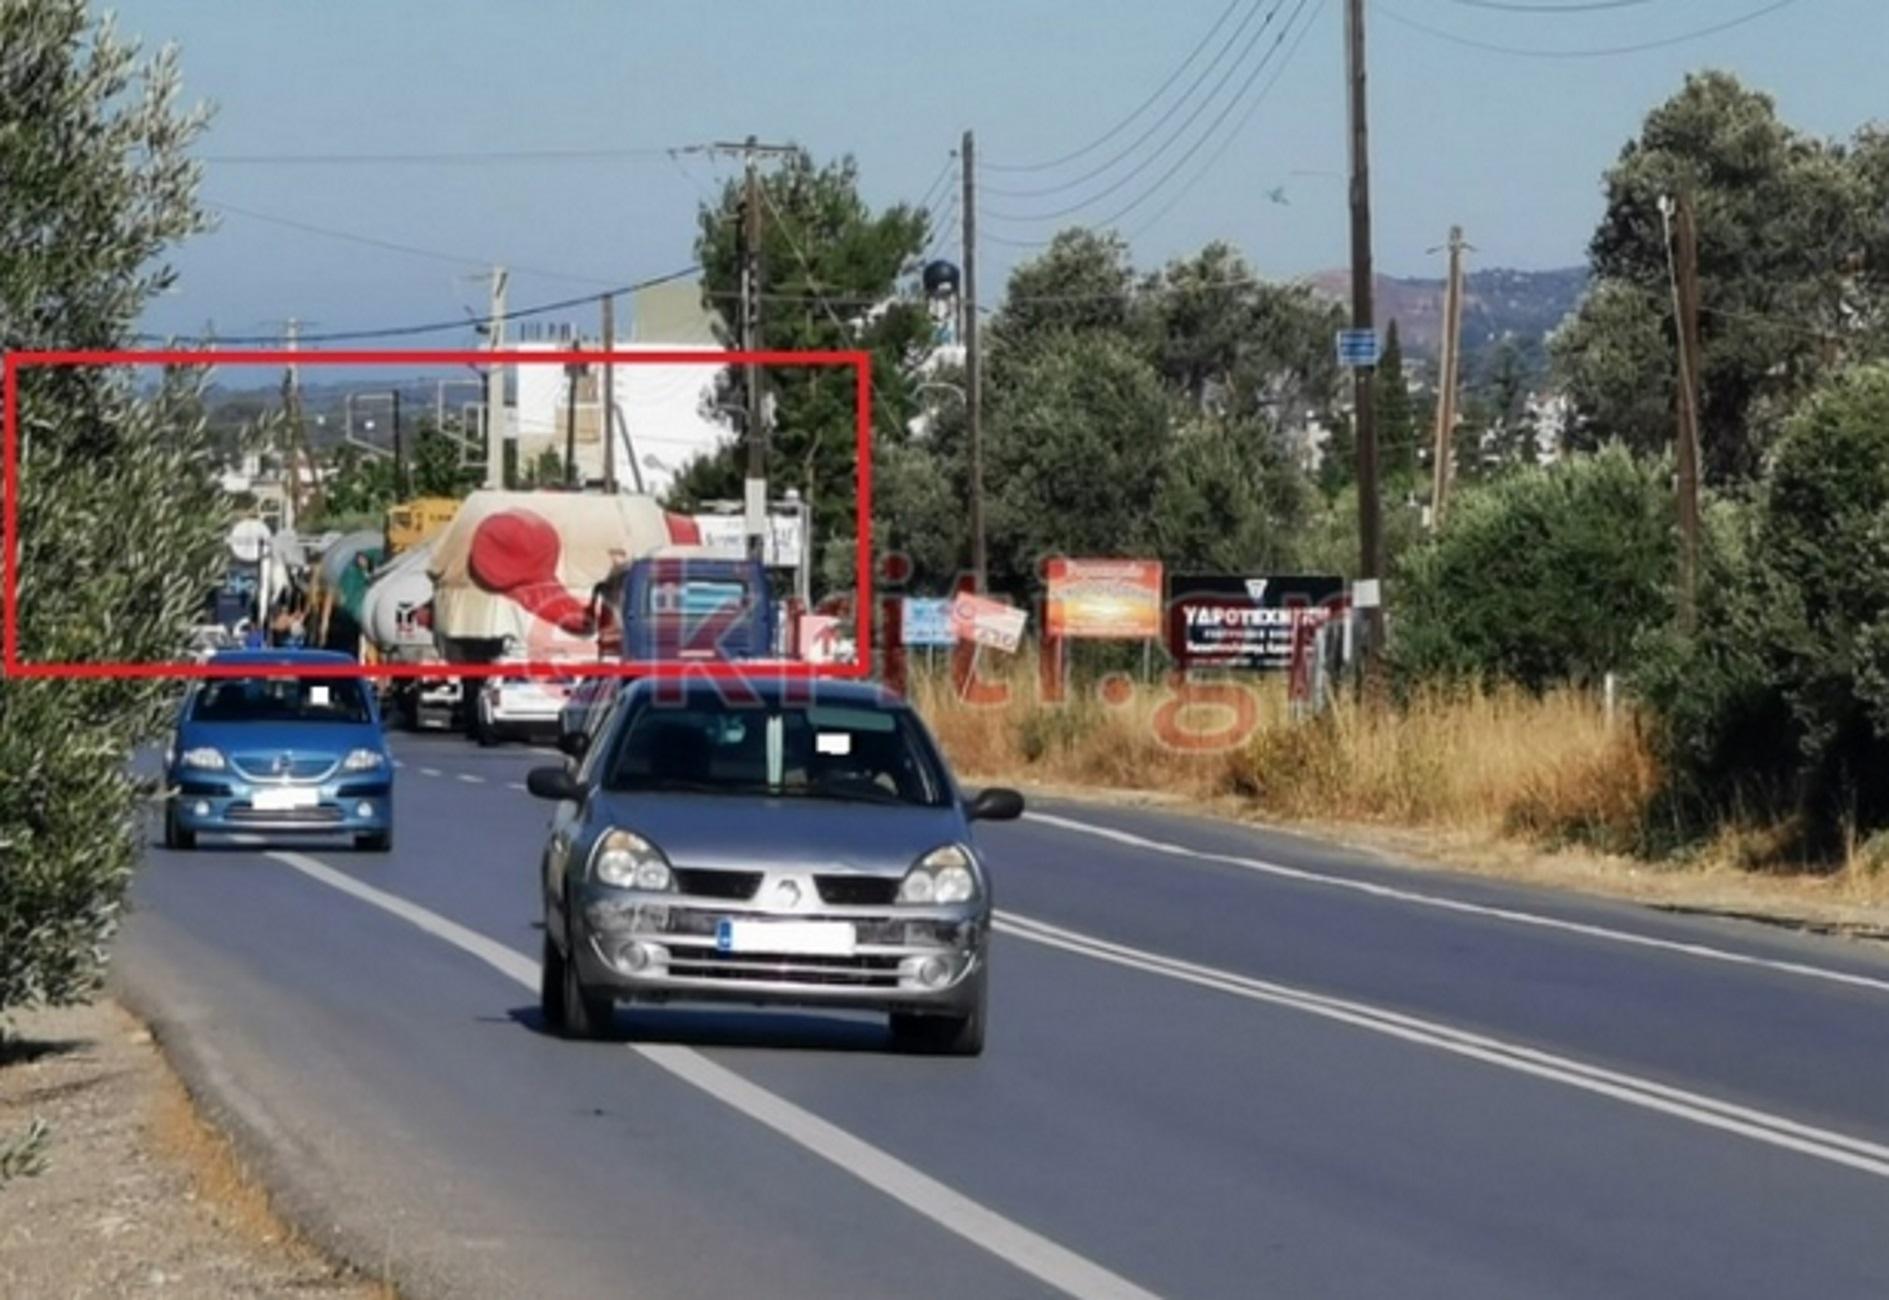 Κρήτη: Ακινητοποιήθηκε κομβόι με ανεμογεννήτριες – Οι εικόνες που ξεσήκωσαν τις Μοίρες